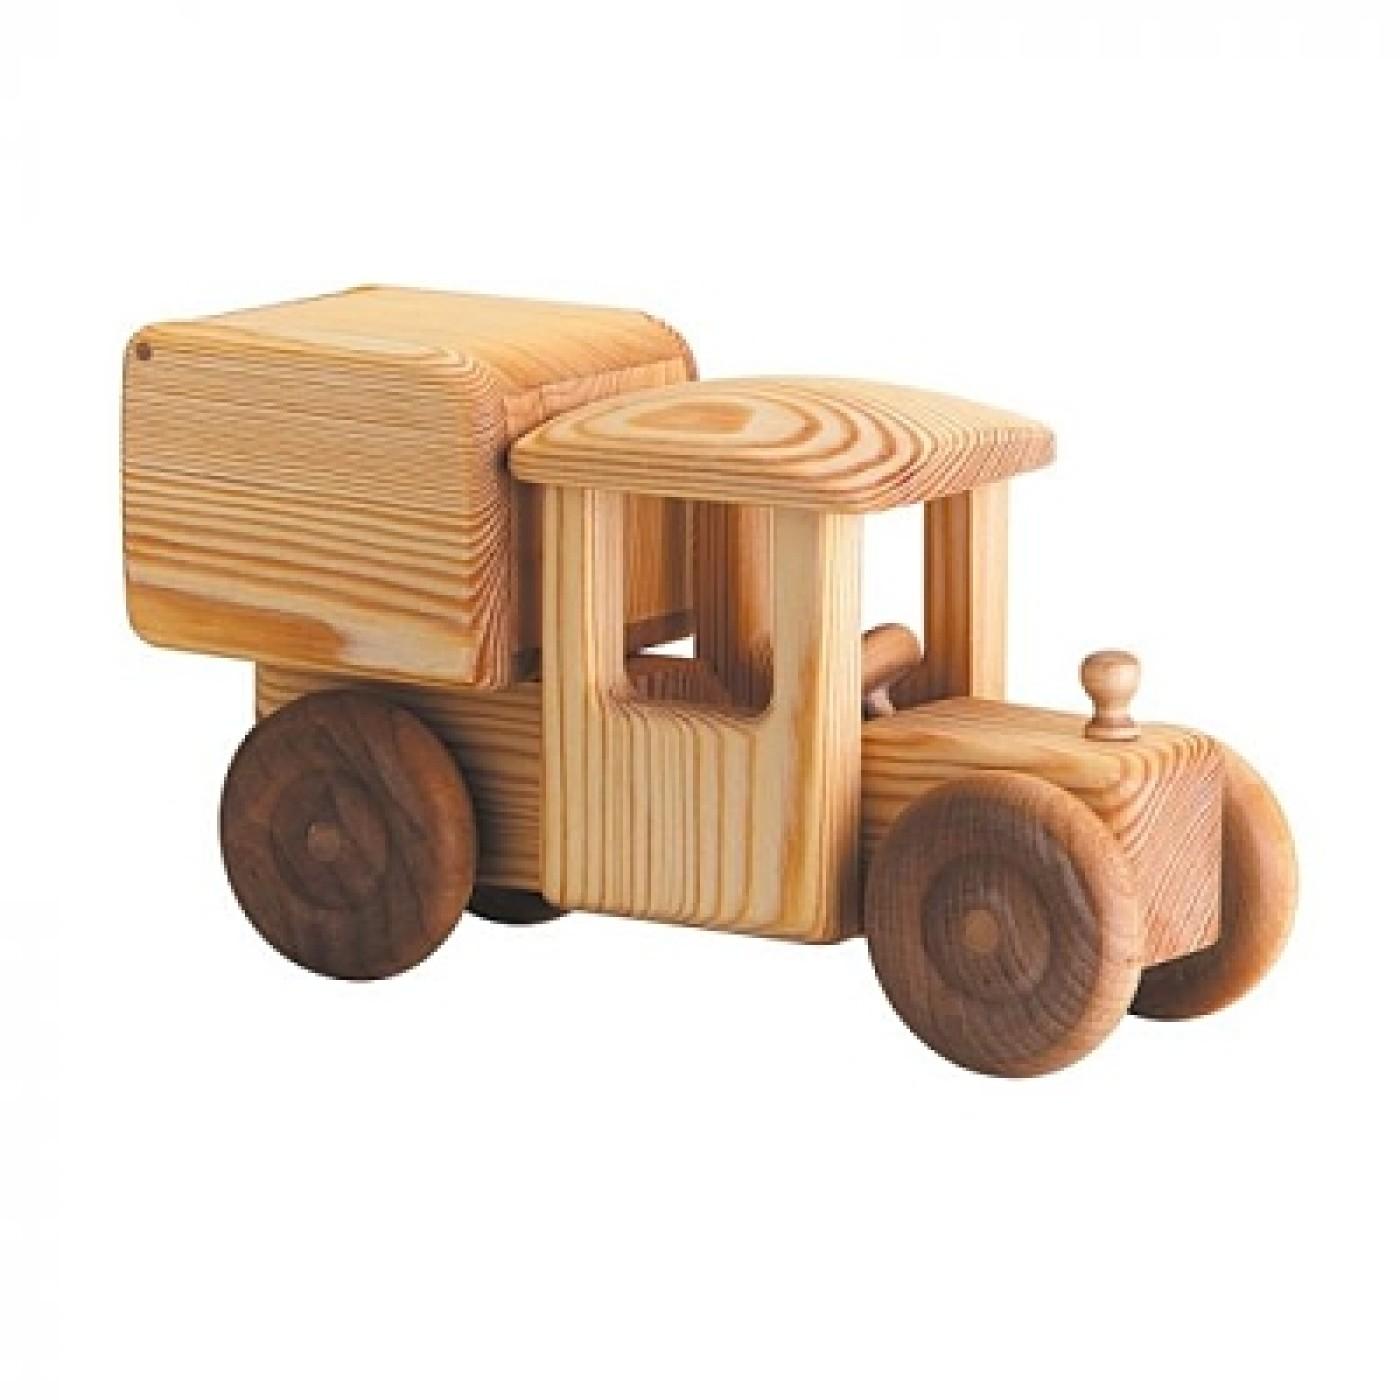 Debresk Wooden Toy Delivery Van Large